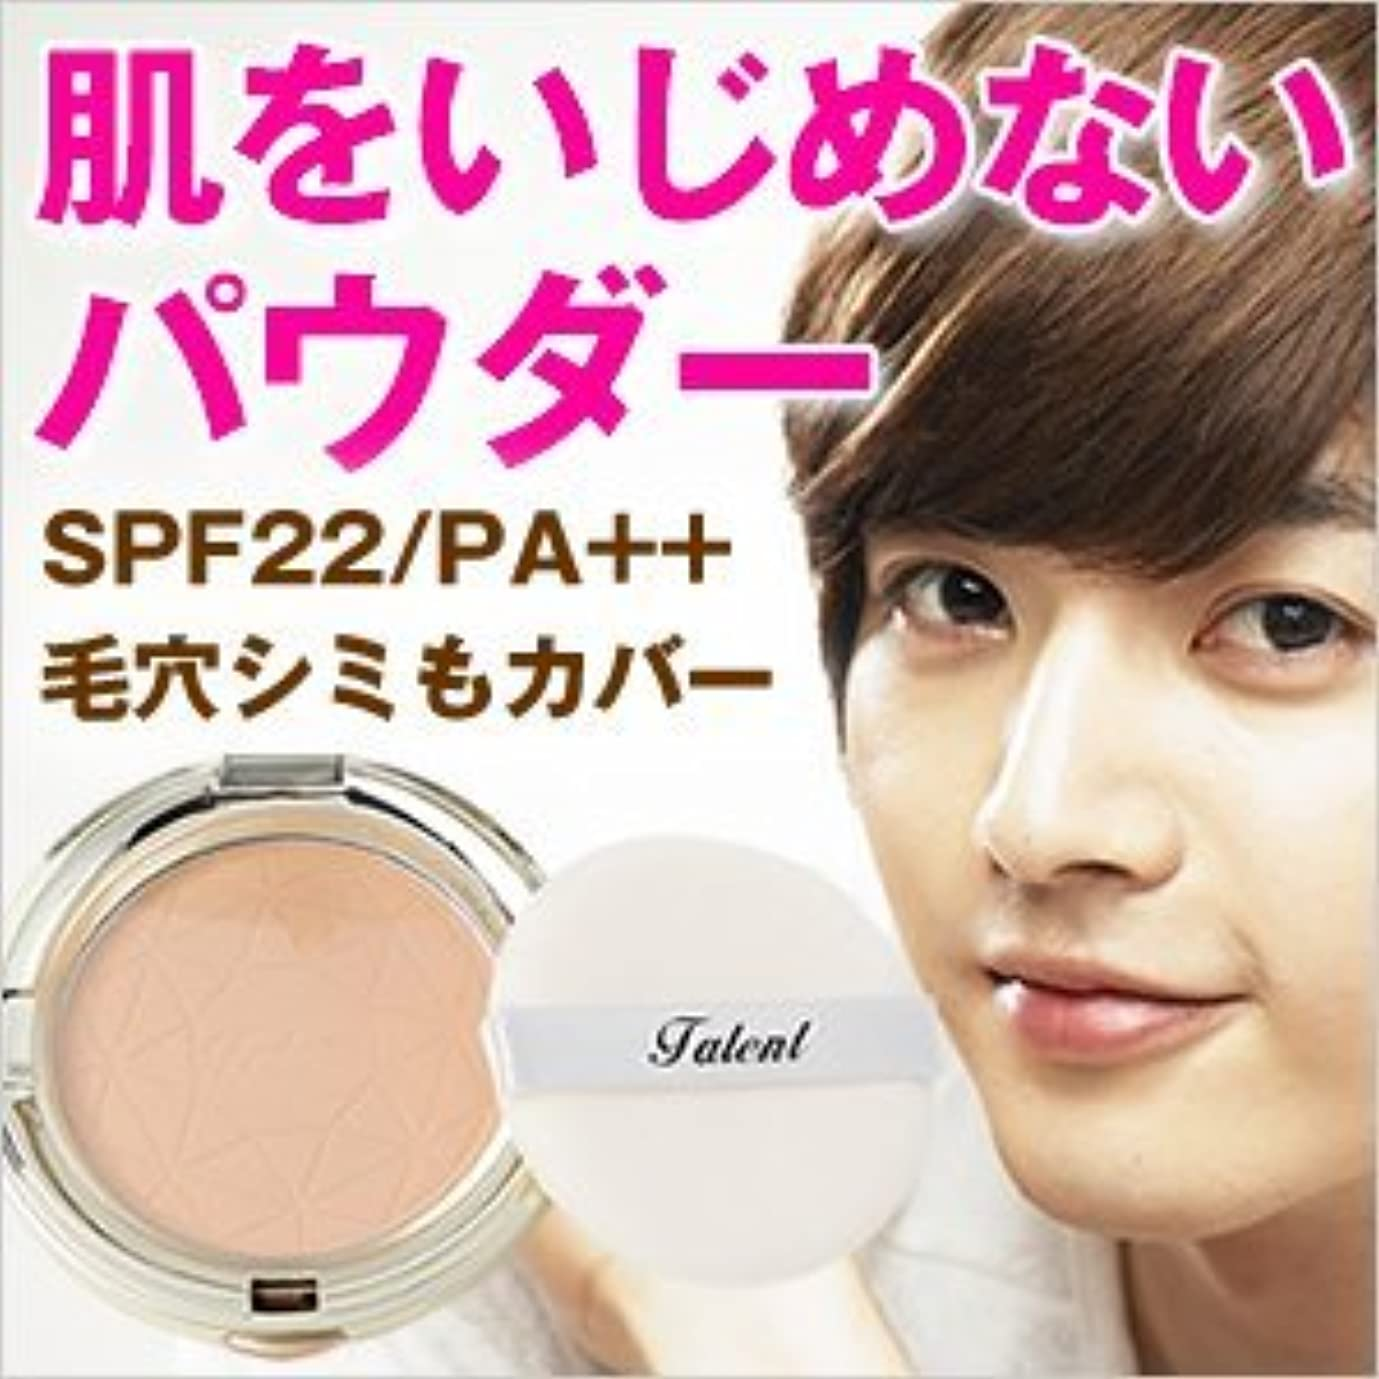 塩辛い誰が魂タレント化粧品 BBエスカルゴパールパウダーパクト SPF22/PA++ 13g